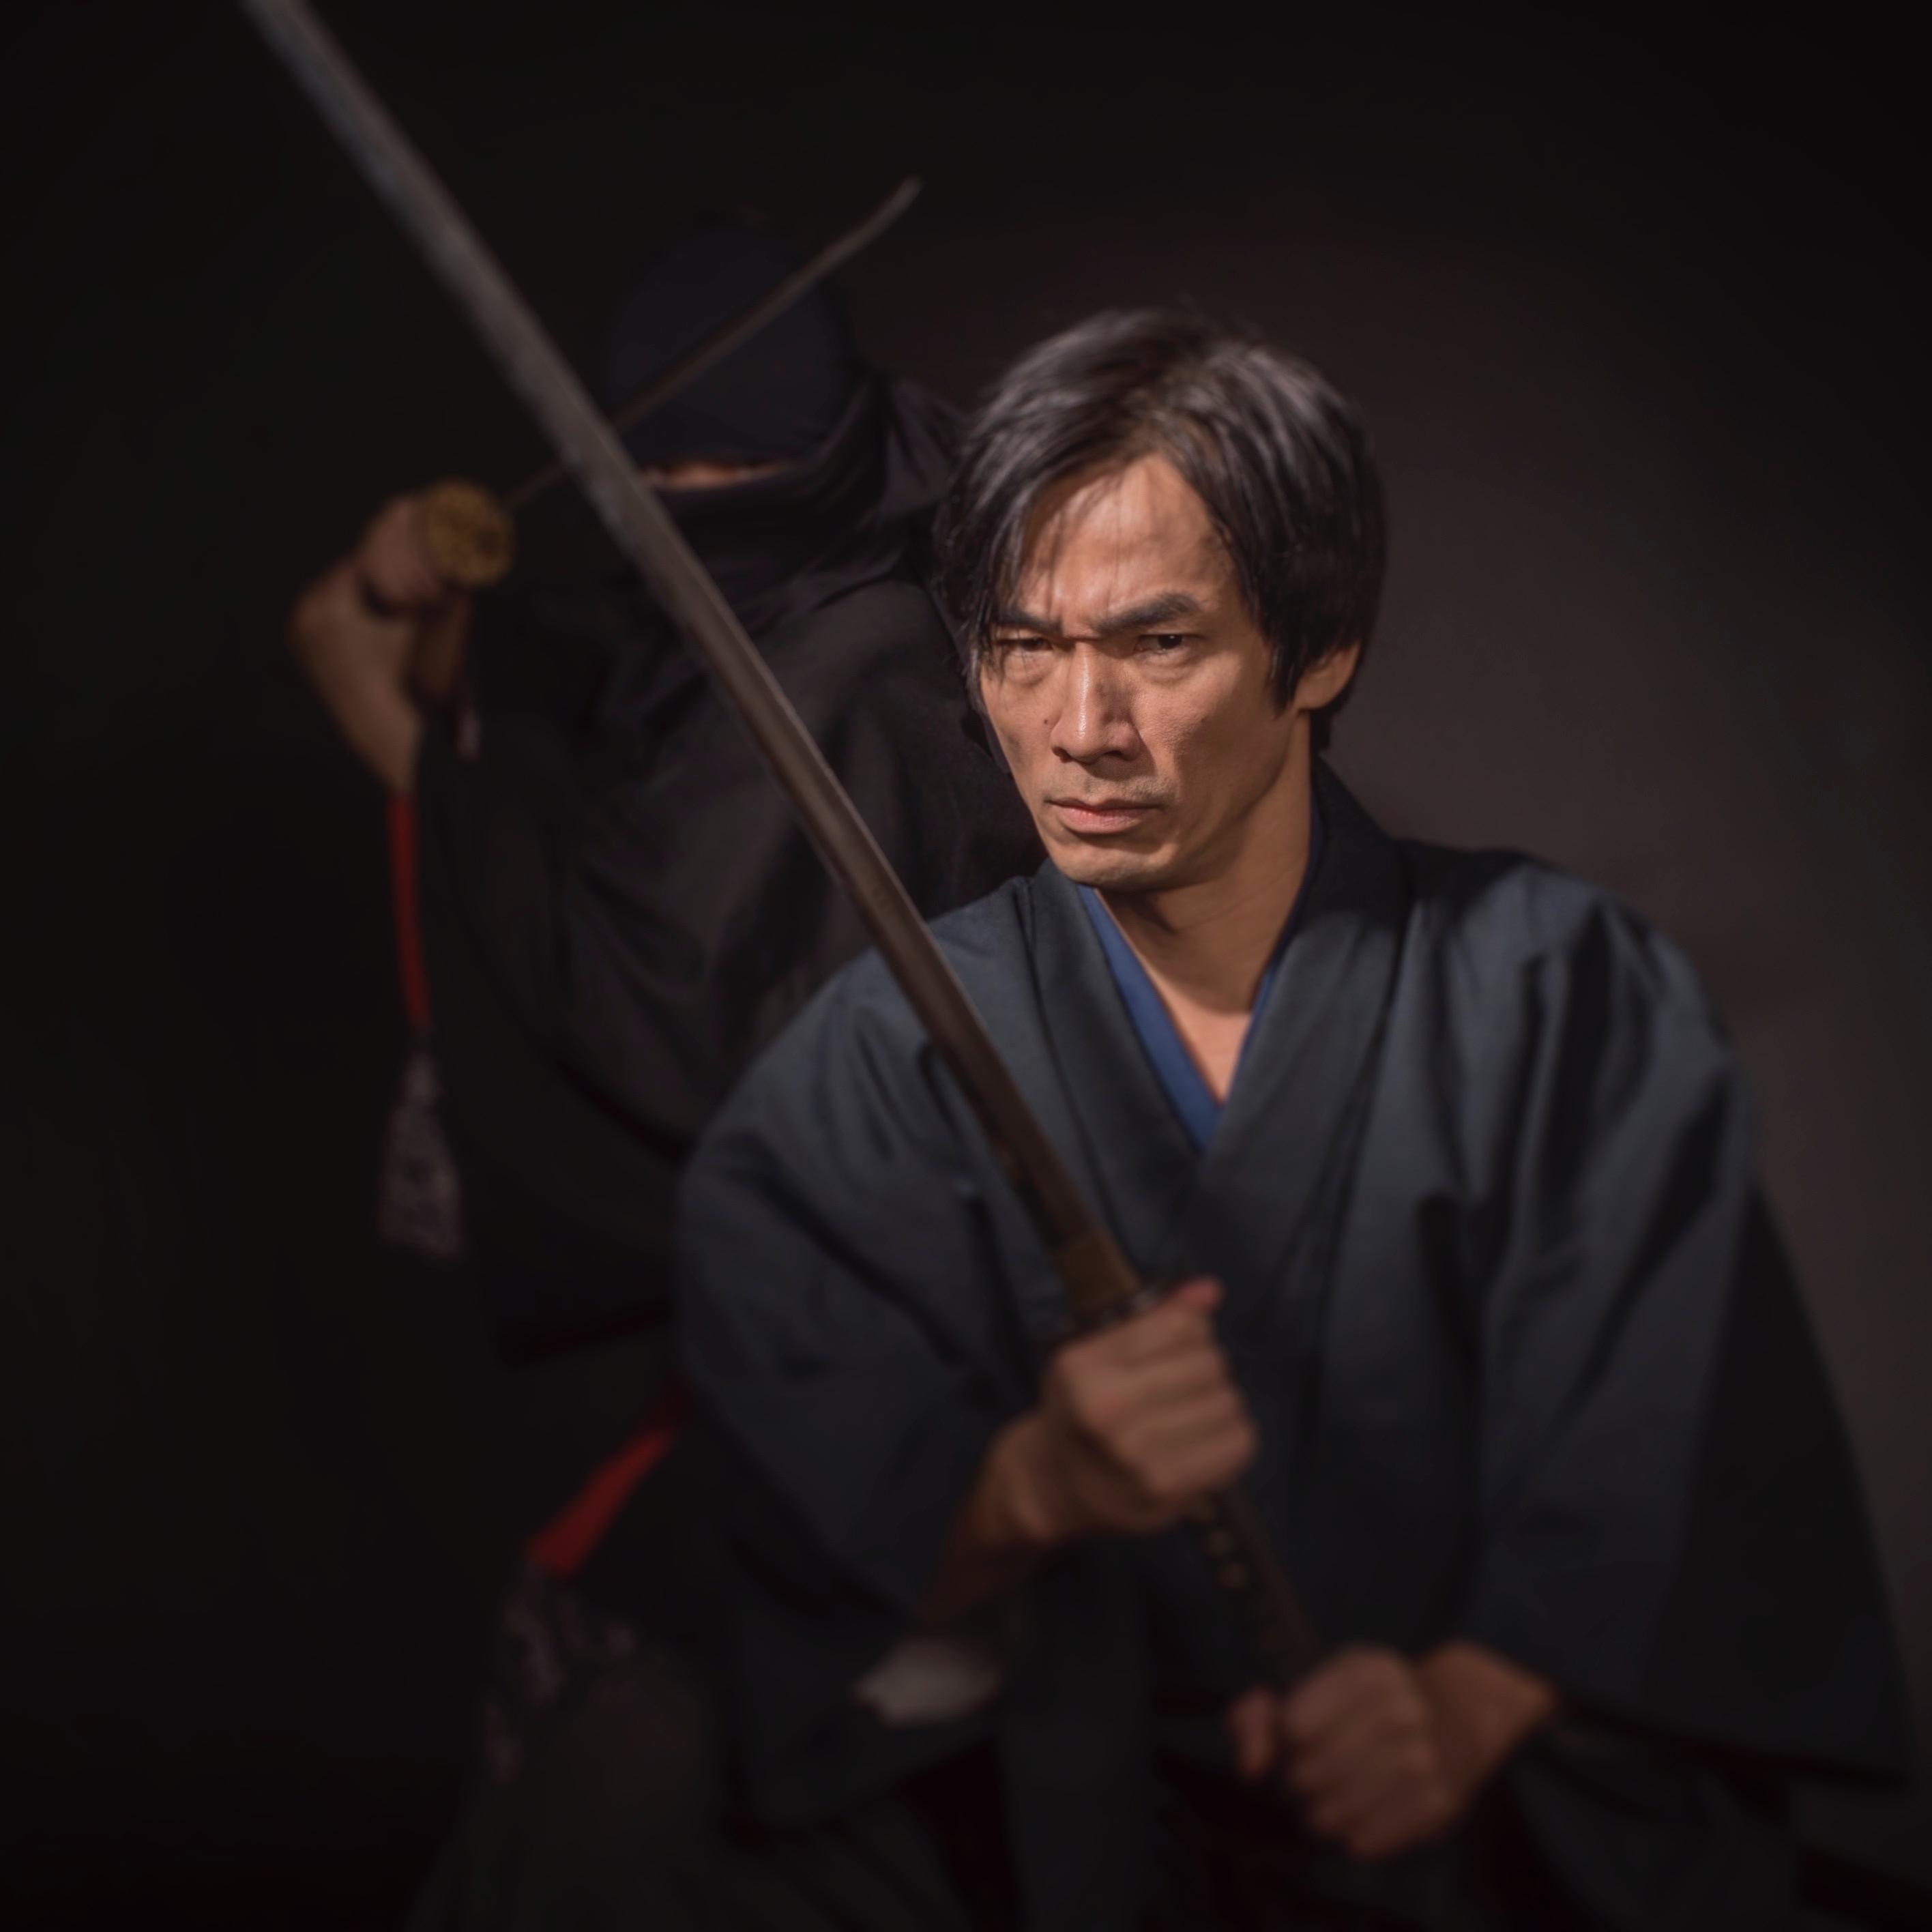 DSC01833-4 samurai serious square